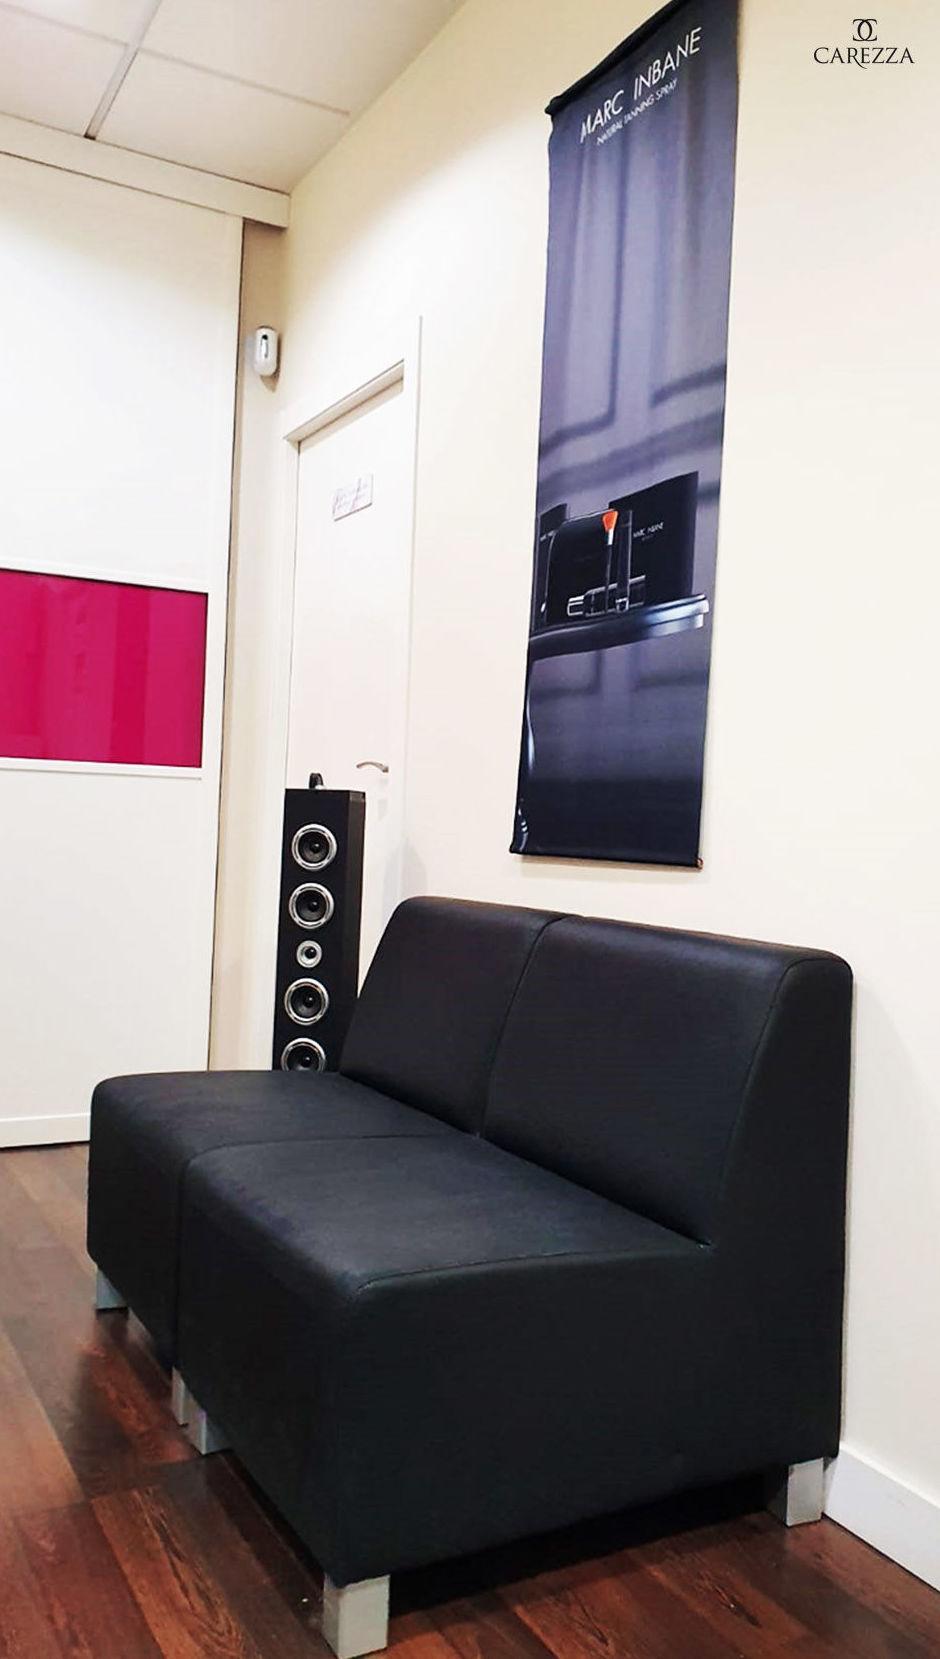 Foto 11 de Centros de estética en  | CAREZZA ESTÉTICA